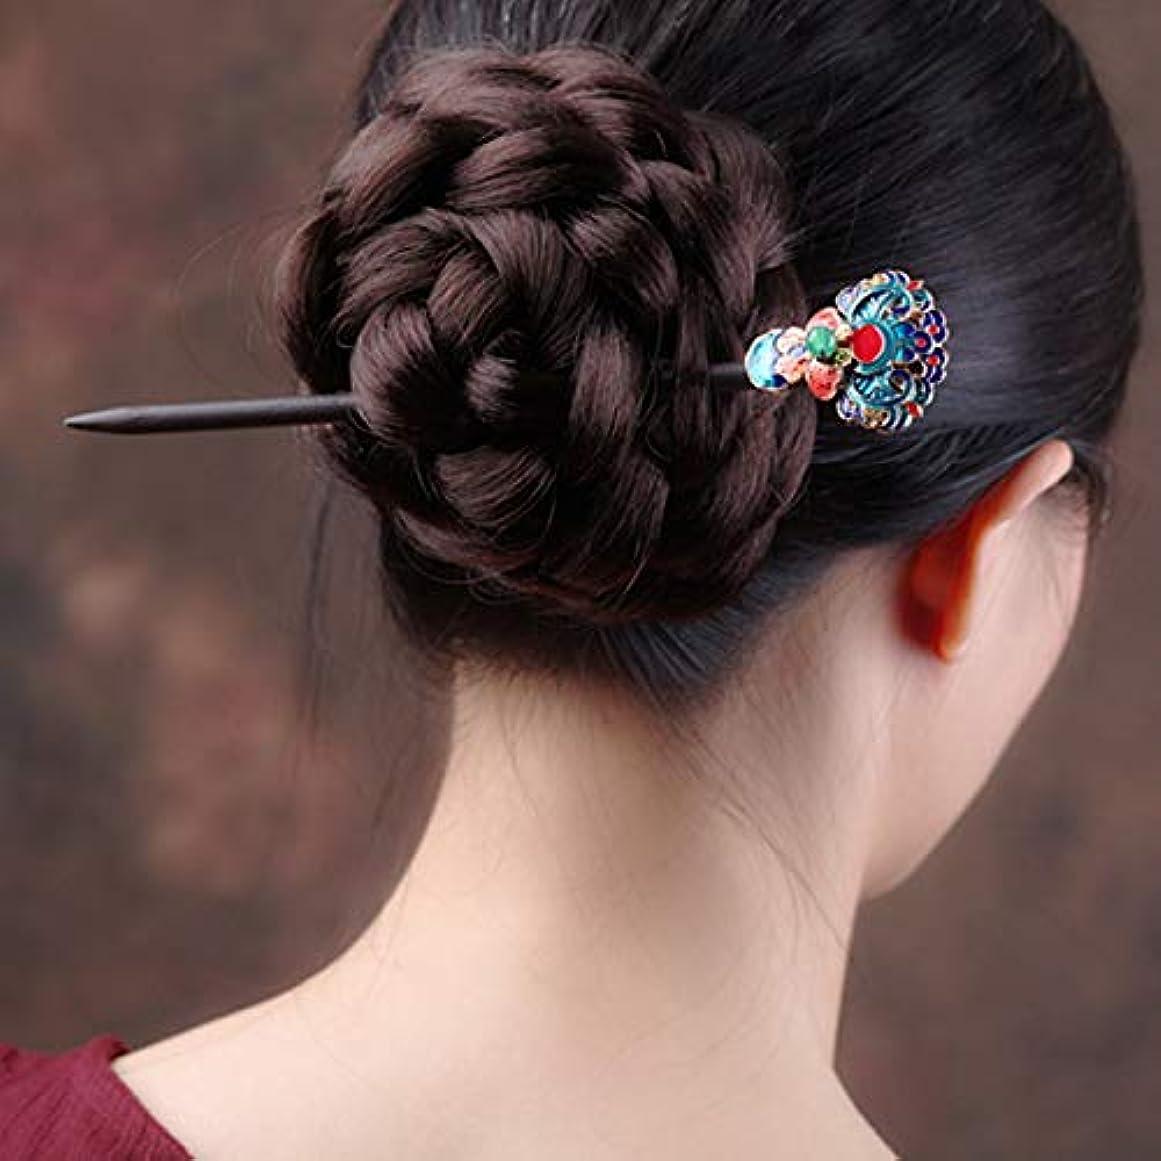 受け継ぐ時怖がらせるHuaQingPiJu-JP 手作りの花のヘアピン中国スタイルのヘアアクセサリー(多色)